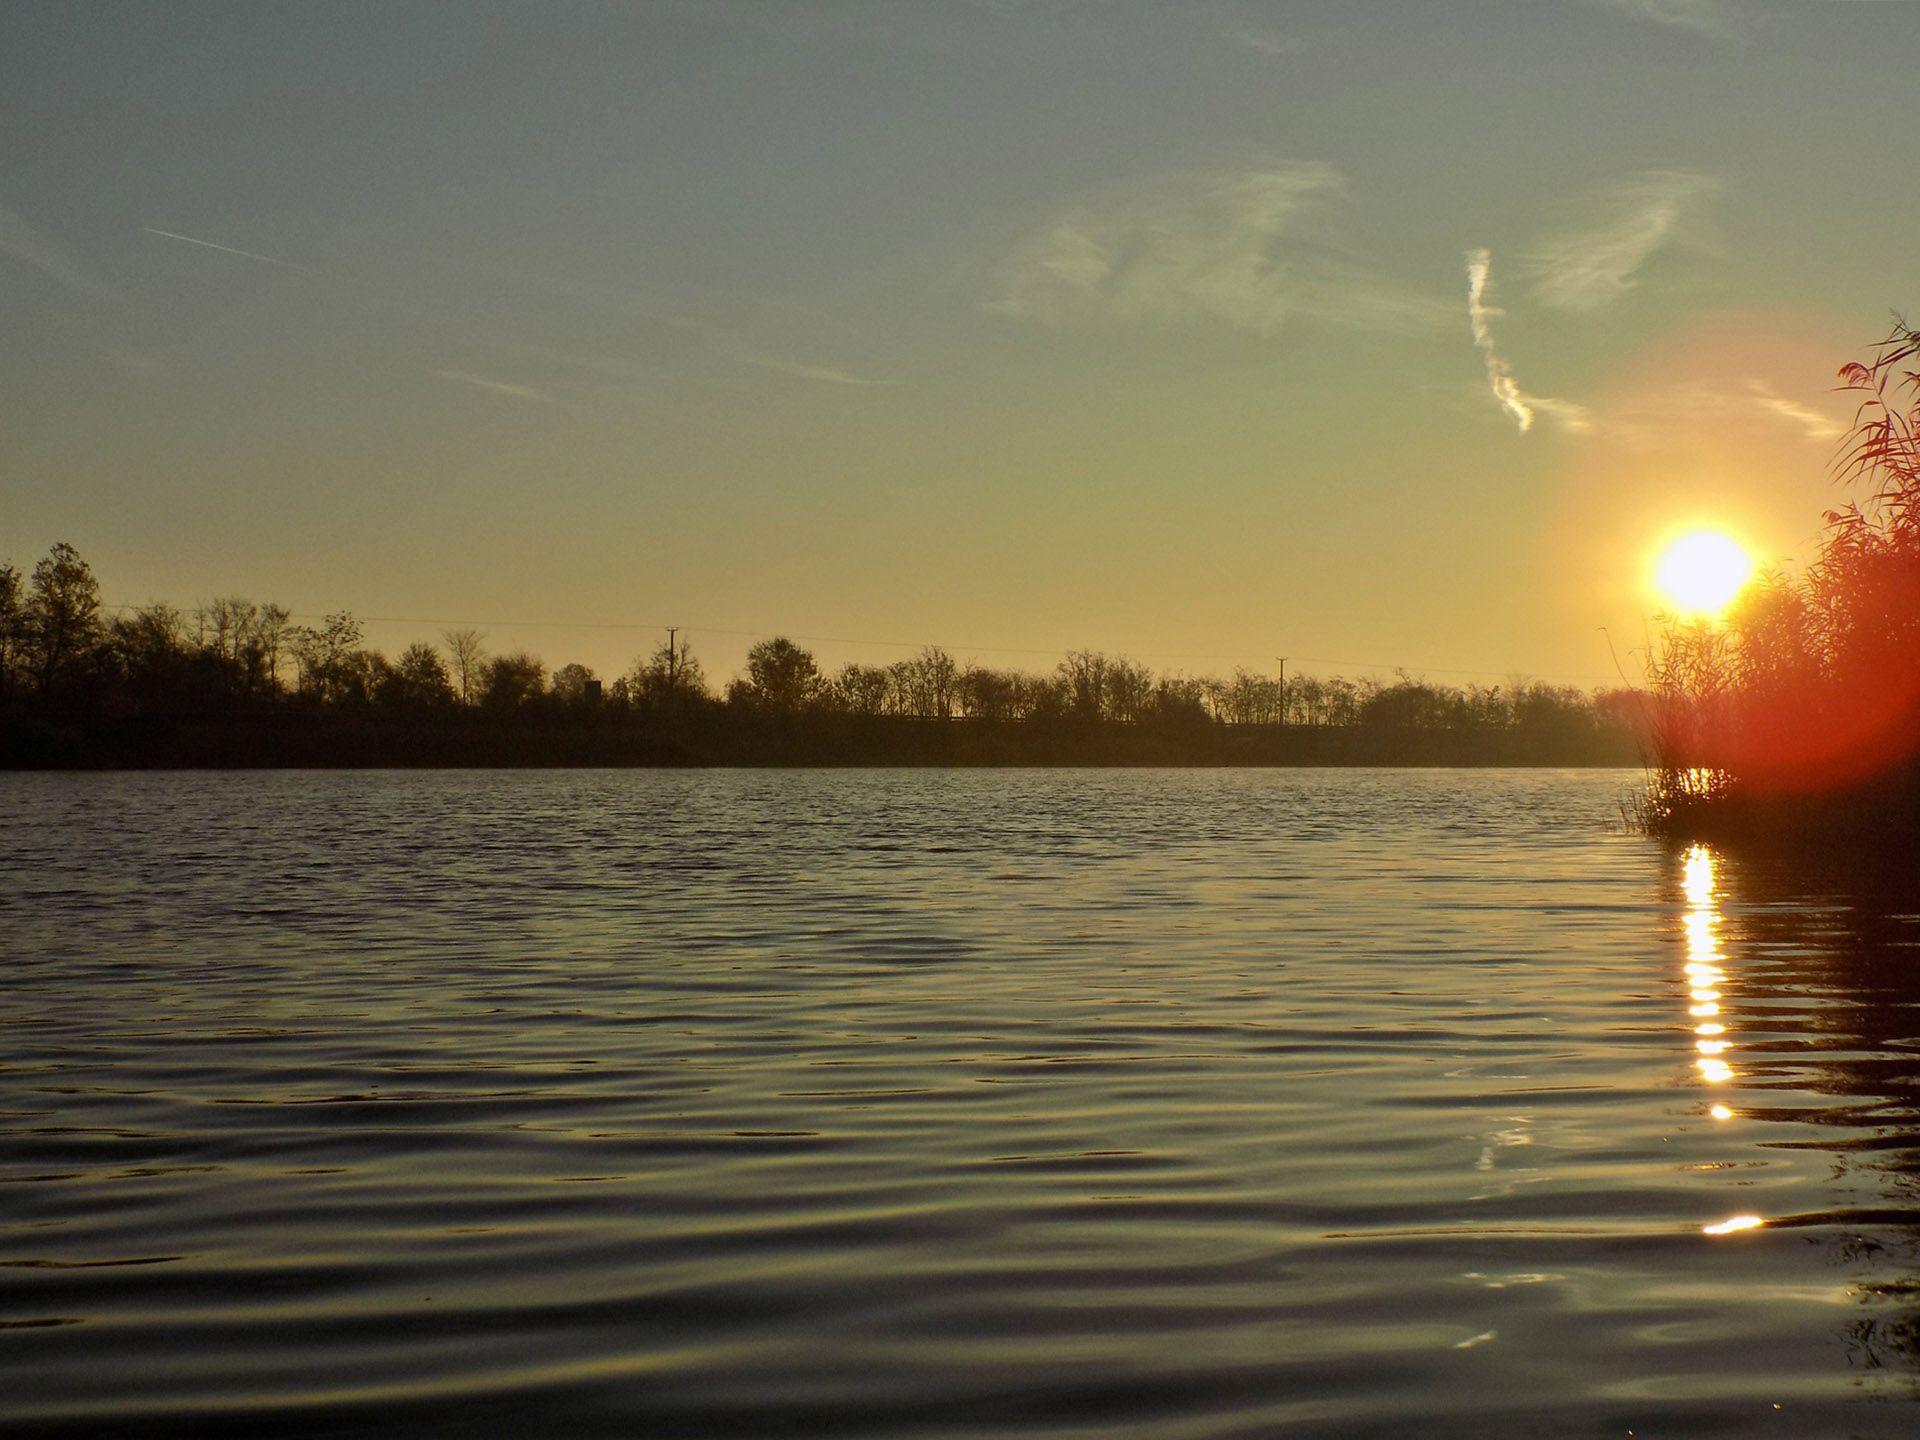 A reggeli órák egyszerűen megbabonázóak. Egy nagy mélységekkel rendelkező bányatavon horgászni mindig kihívás, azonban ha megtaláltuk, mi is jelenti az egyértelmű megoldást az adott horgászaton, akkor életre szóló élményekben lehet részünk